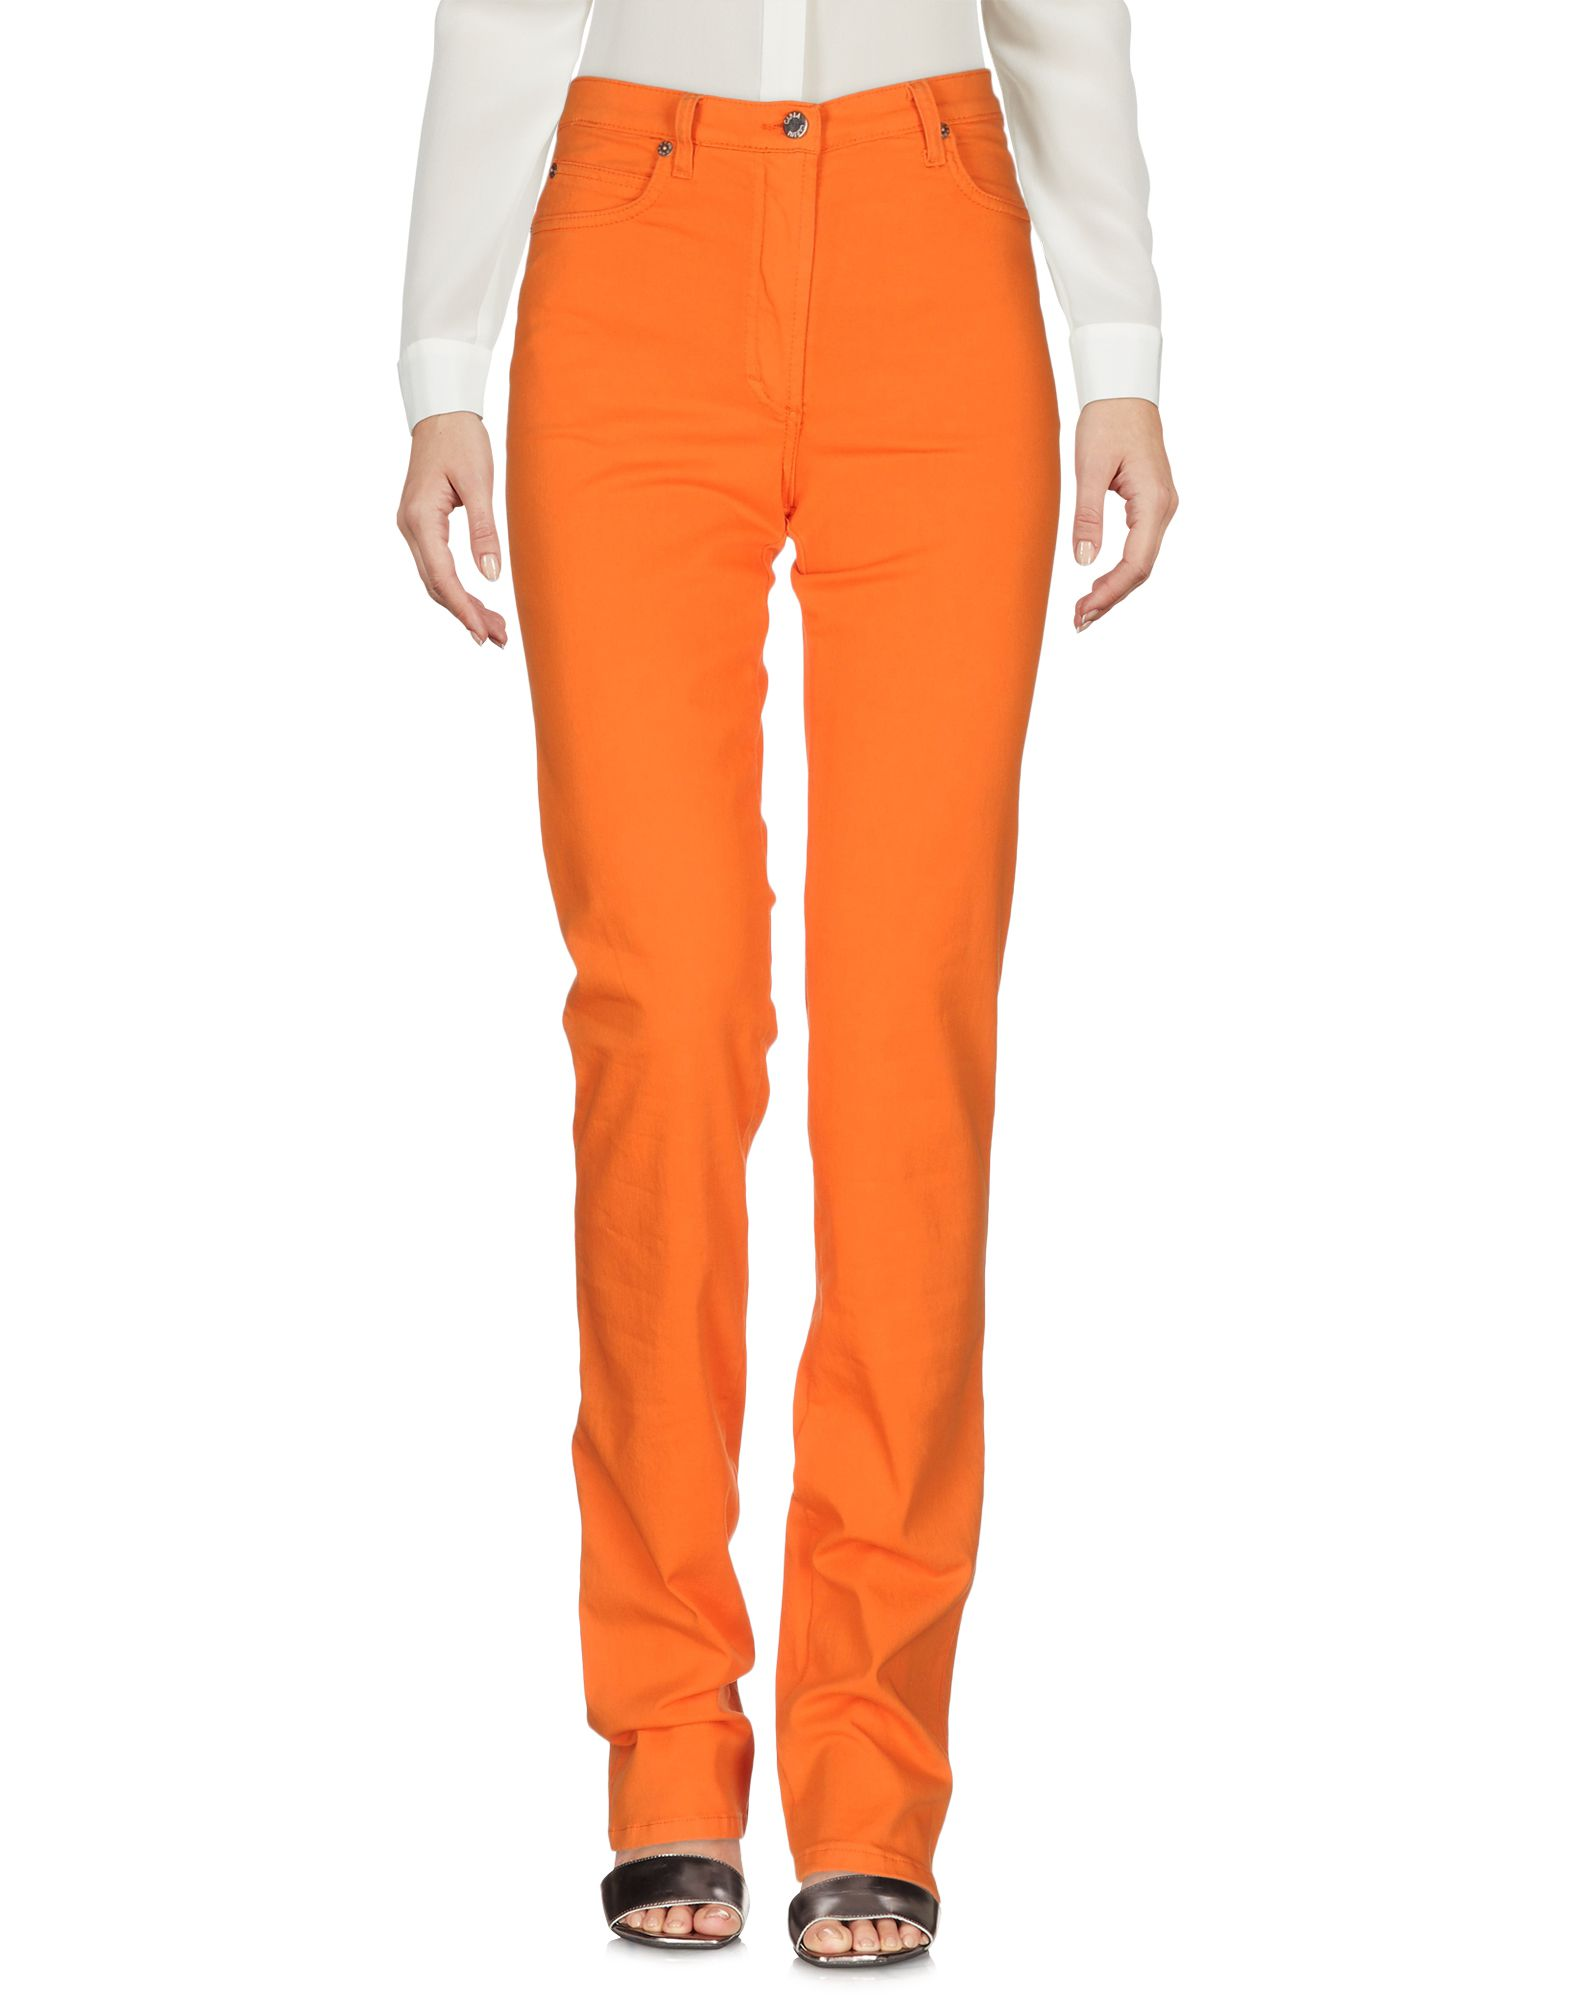 SPORTMAX CODE Damen Hose Farbe Orange Größe 3